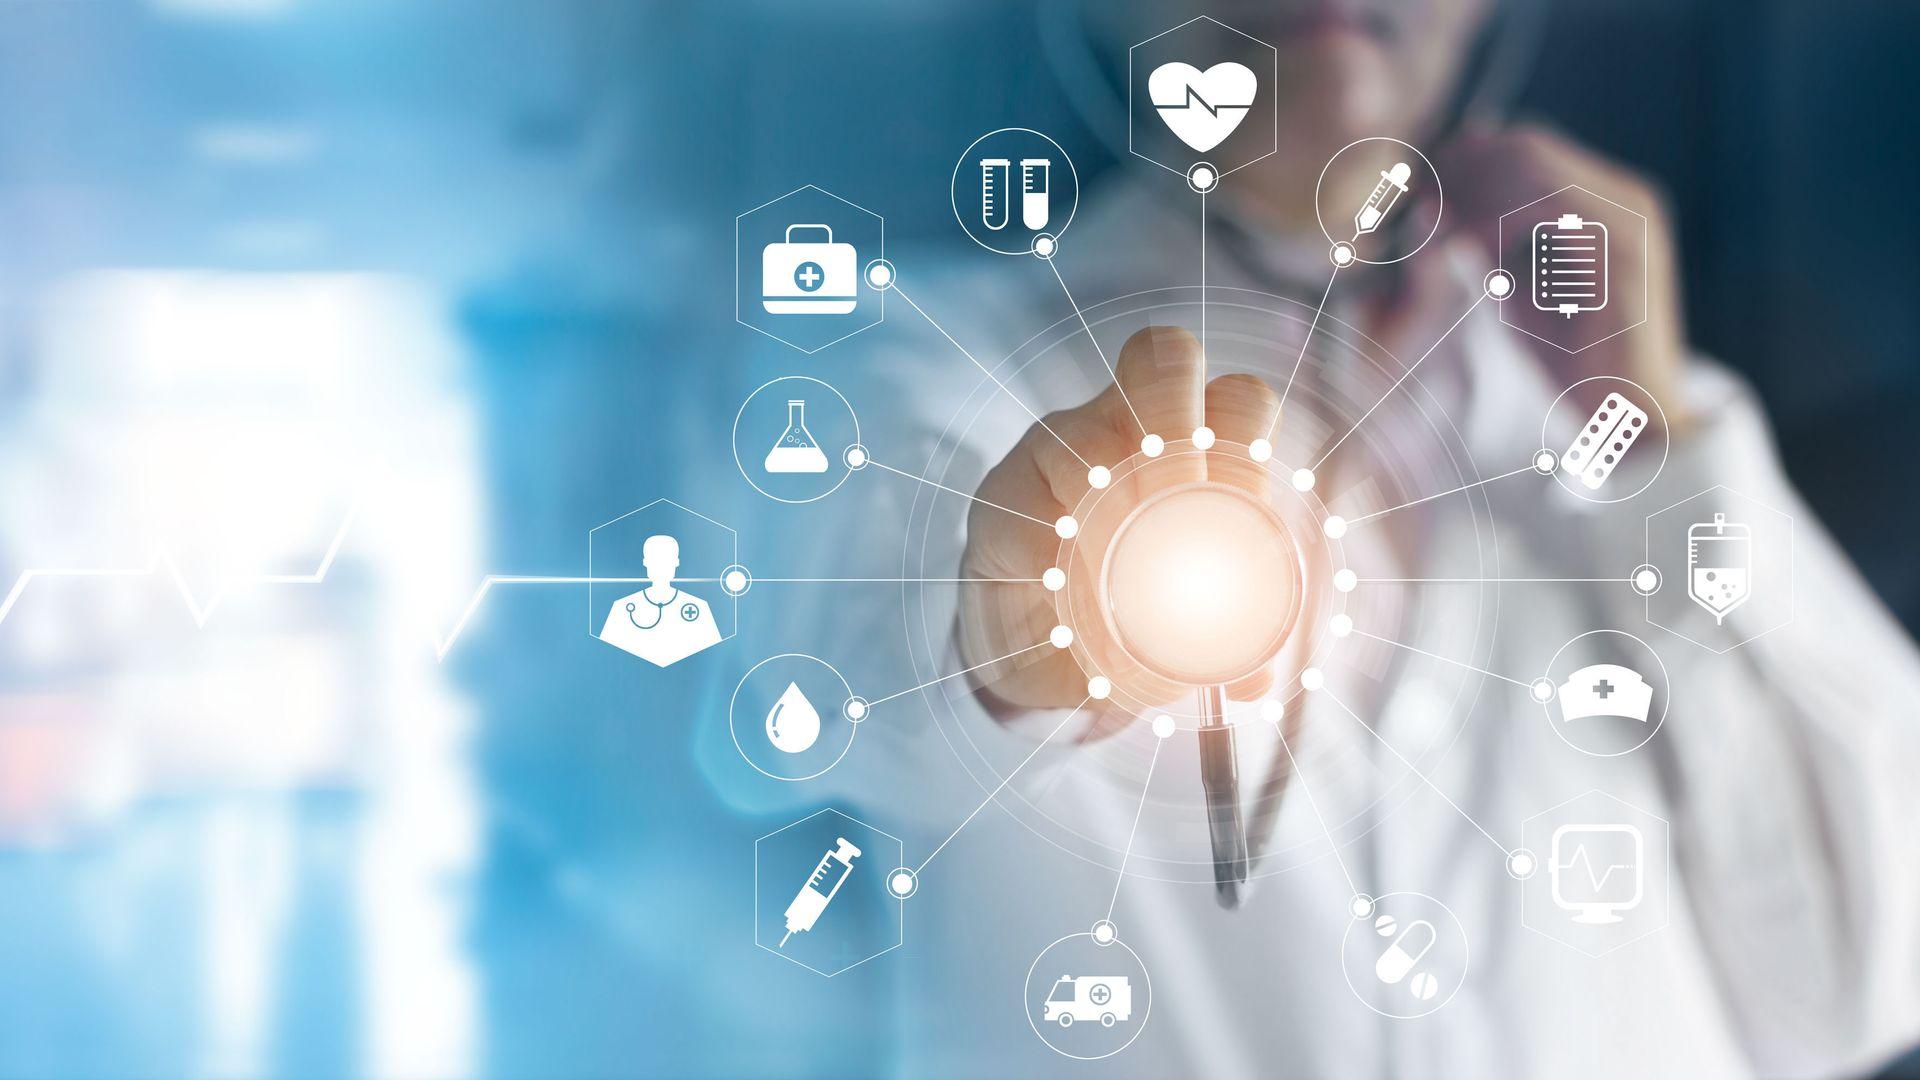 Cuidados com a saúde durante e após a pandemia deve ser multidisciplinar, envolvendo diferentes especialidades